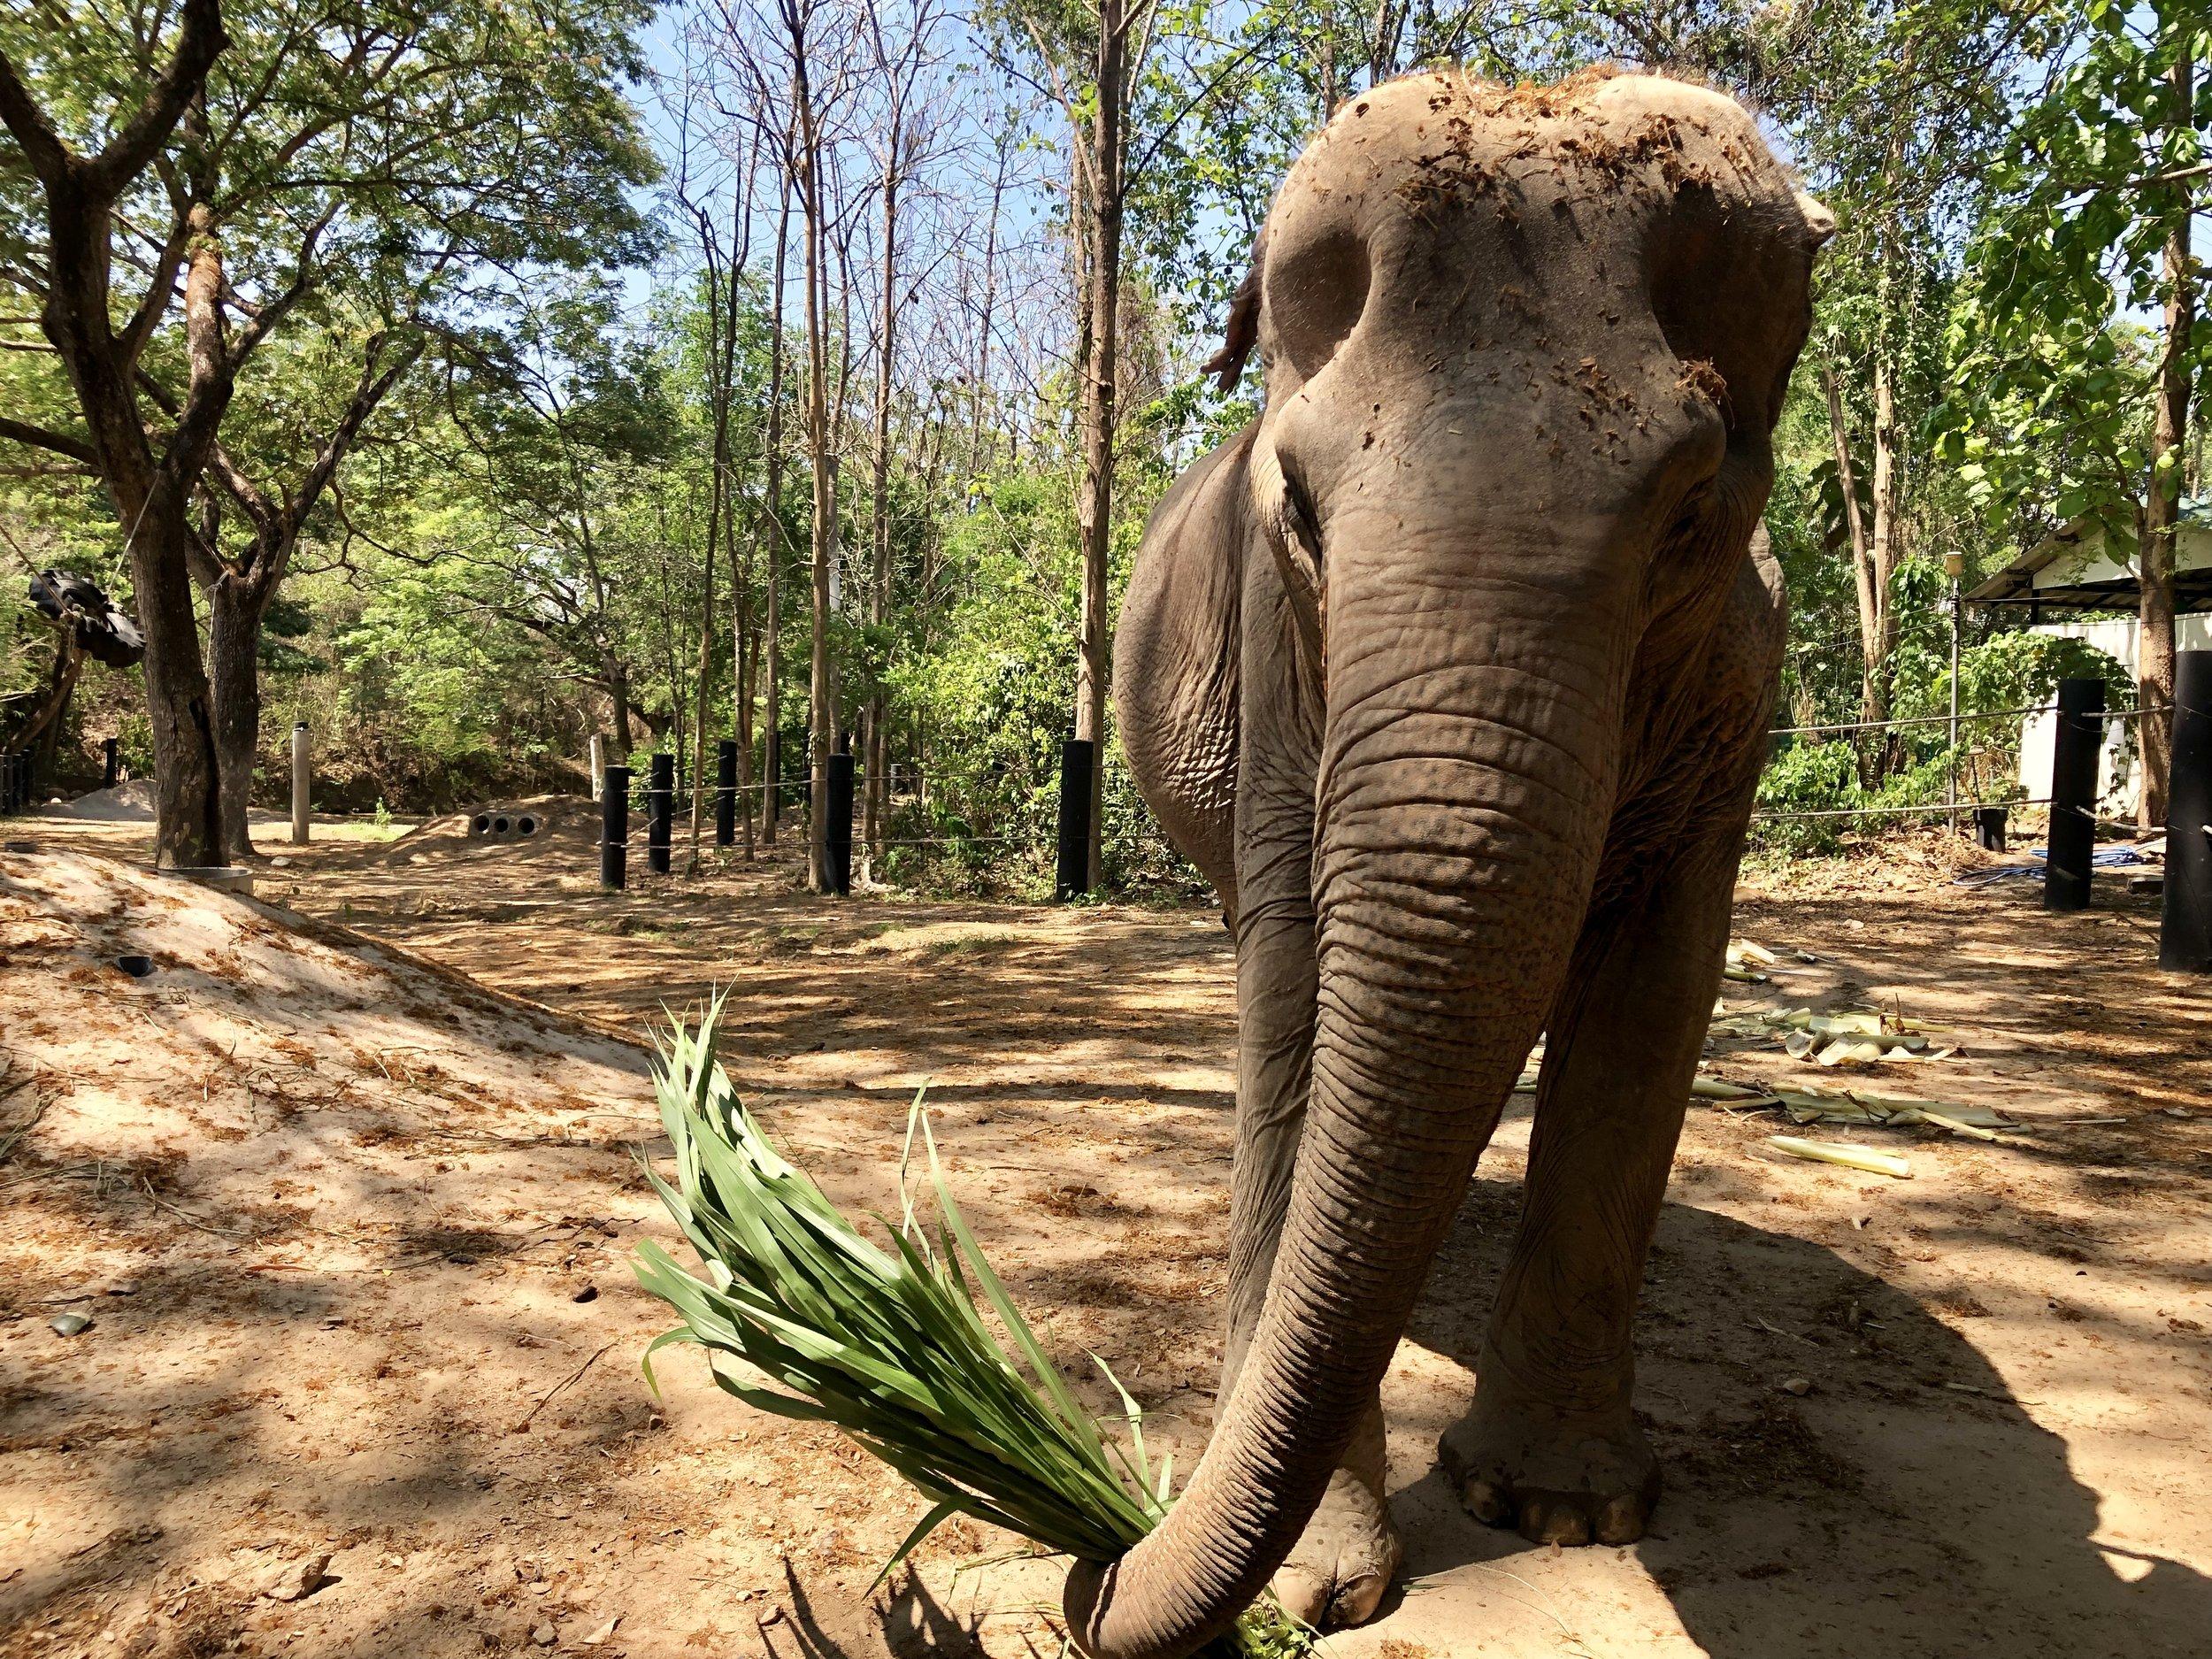 Wildlife Friends Foundation Thailand